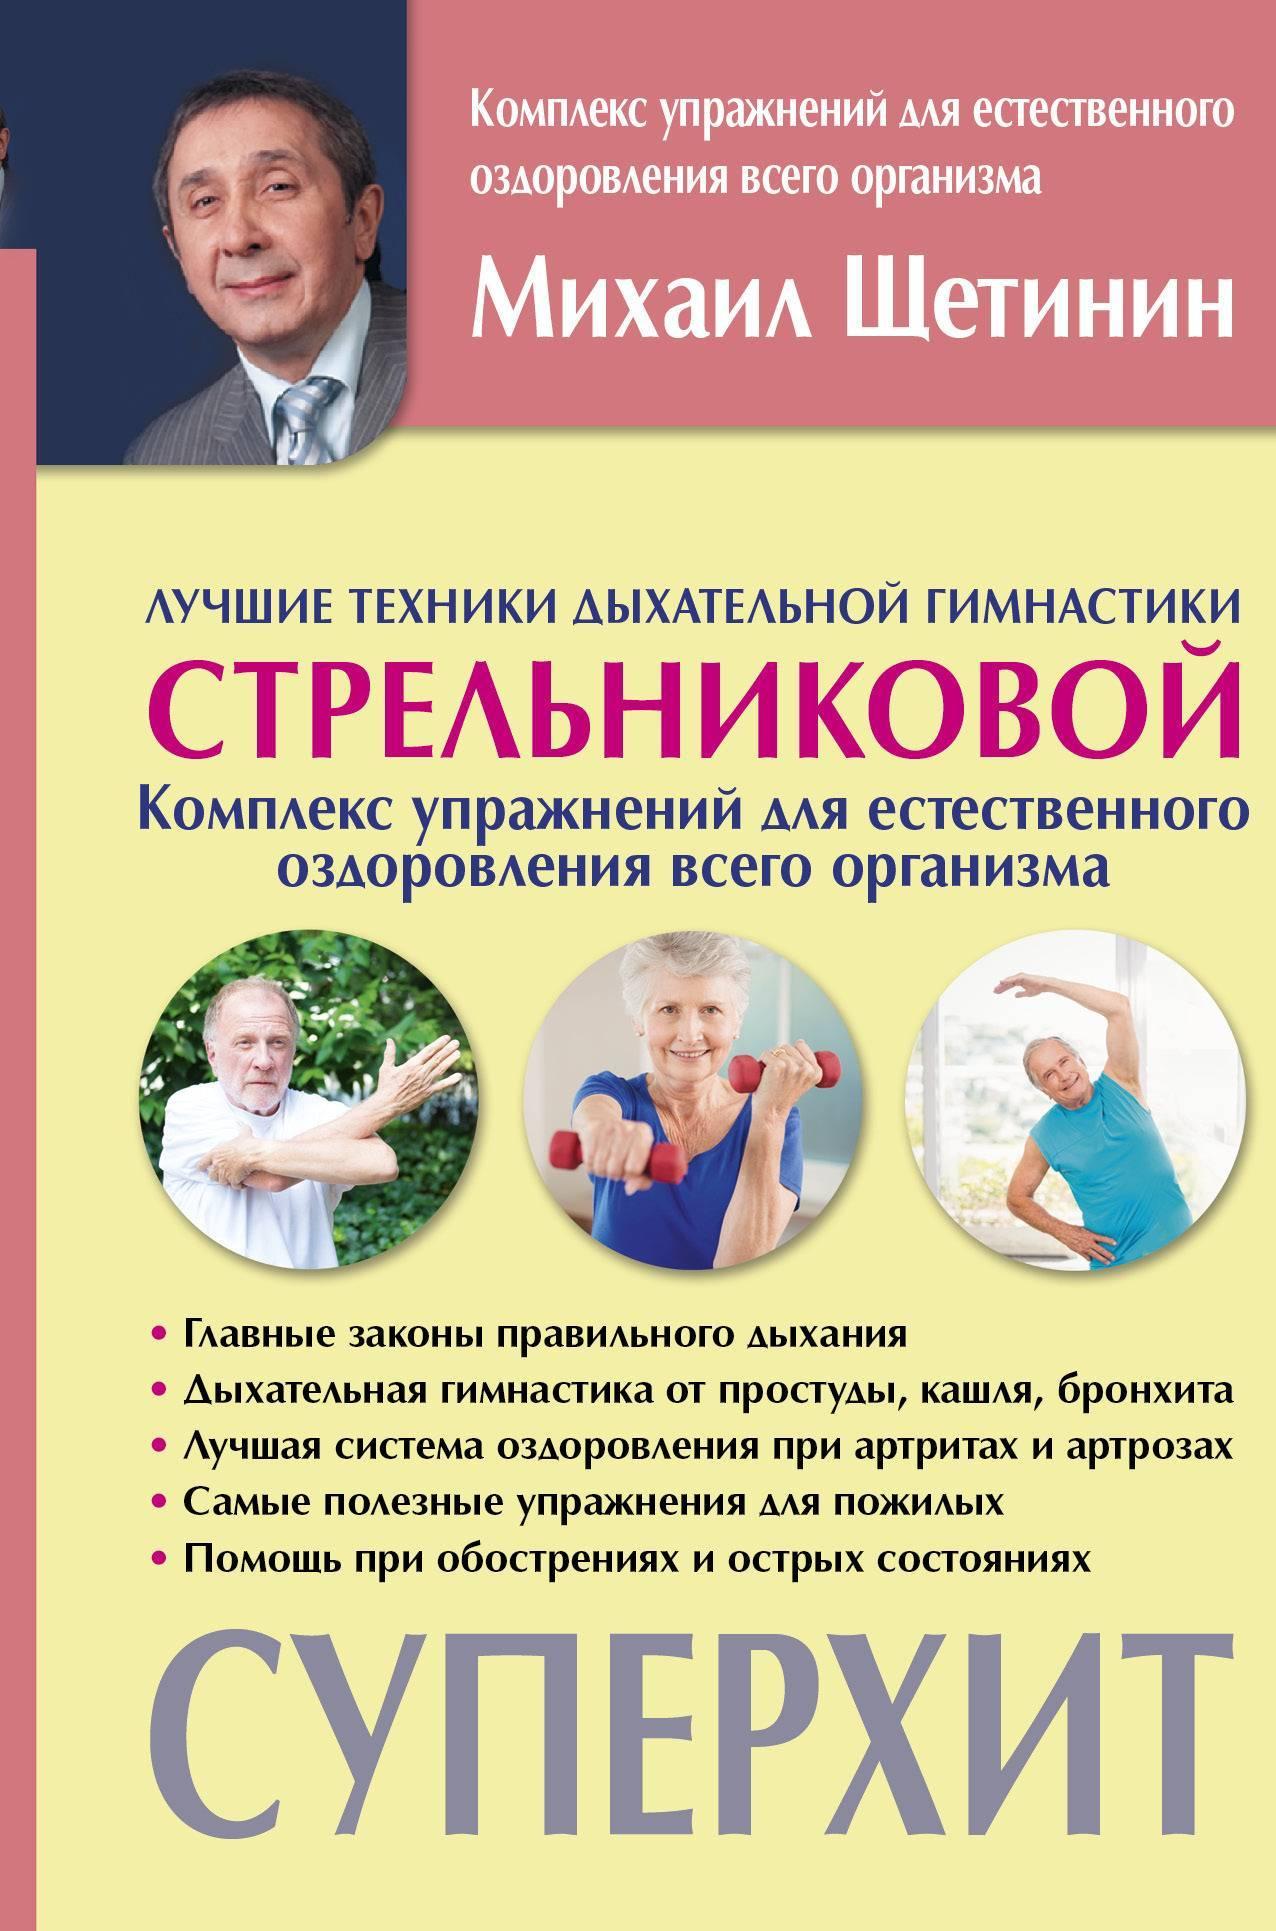 Дыхательная гимнастика для детей по стрельниковой (в детском саду и дома) | физическое развитие | vpolozhenii.com